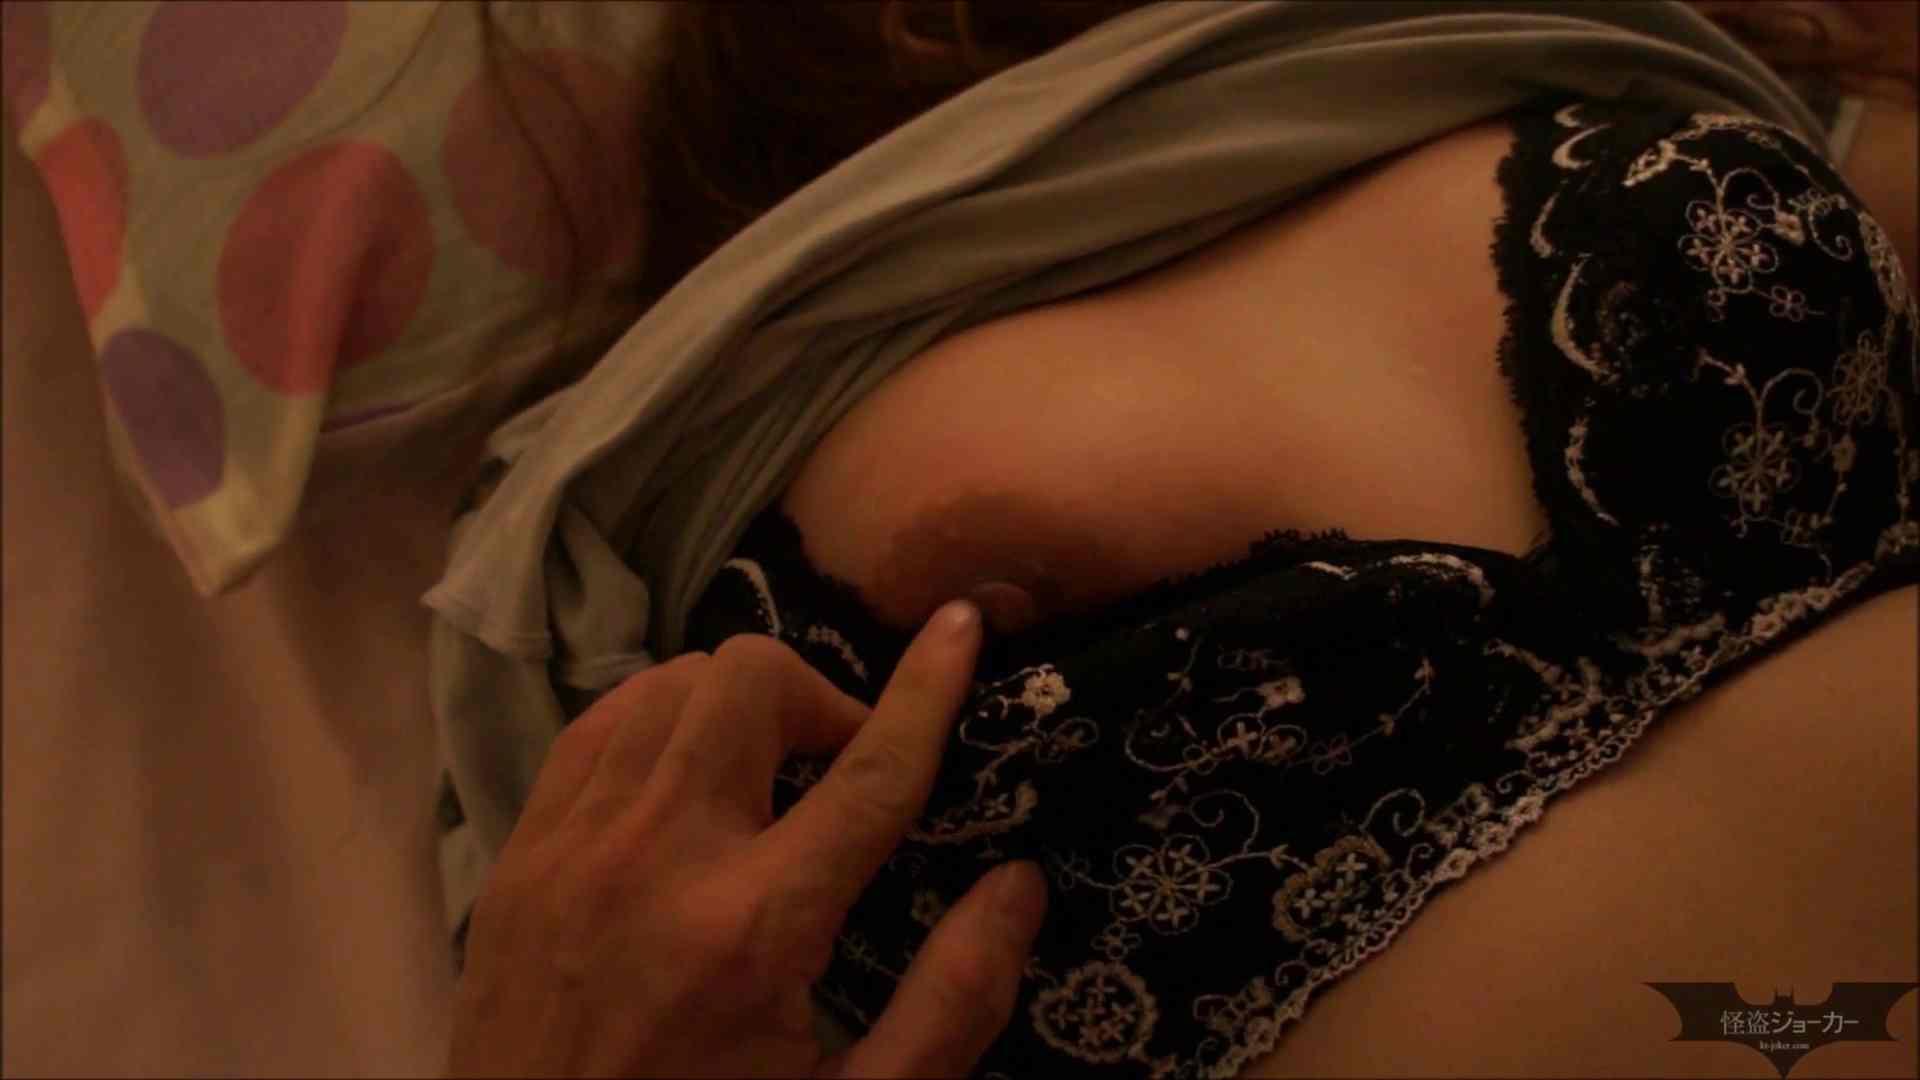 盗撮AV:【未公開】vol.62【ユリナ】妊婦だったこの時、友人と共に母子をヤる。:怪盗ジョーカー